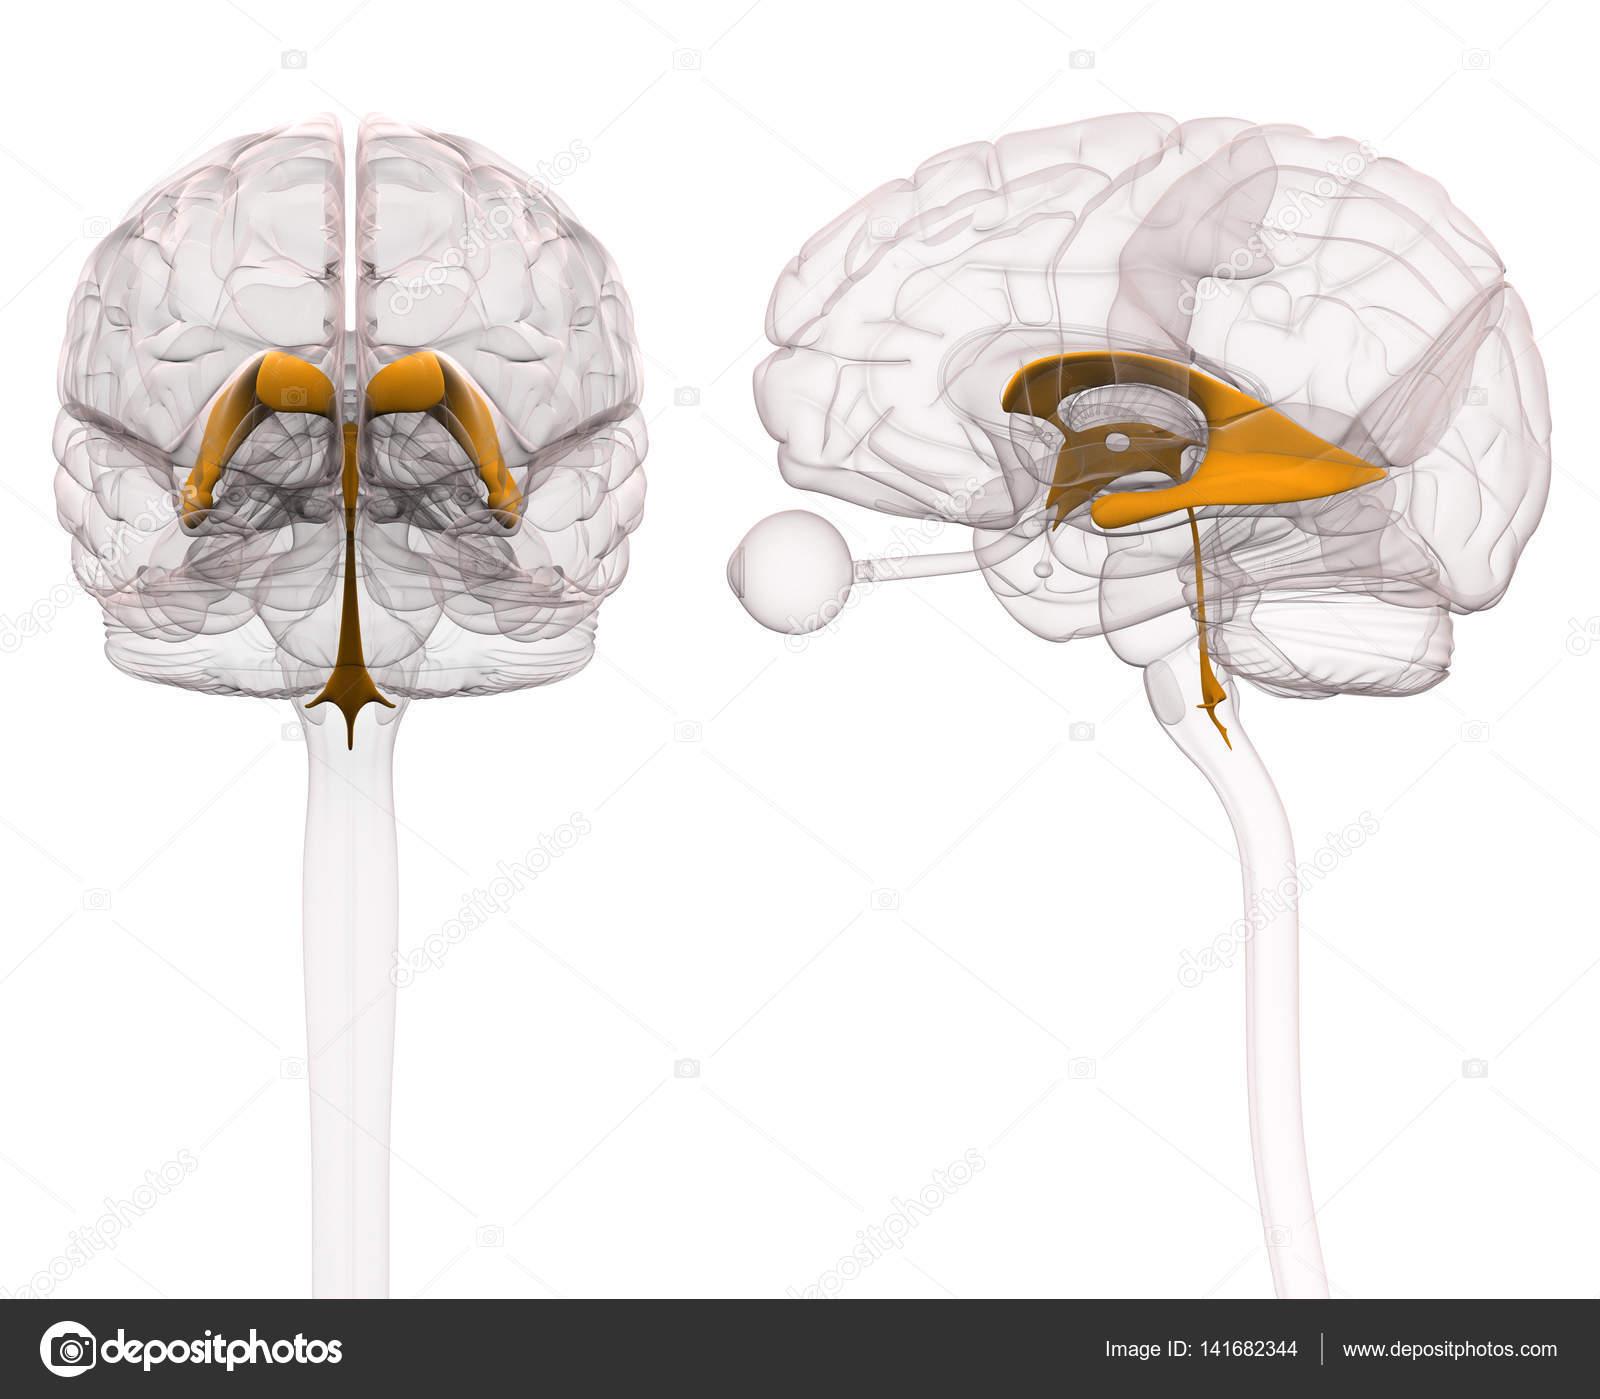 Ventrikels van anatomie van de hersenen — Stockfoto © decade3d ...